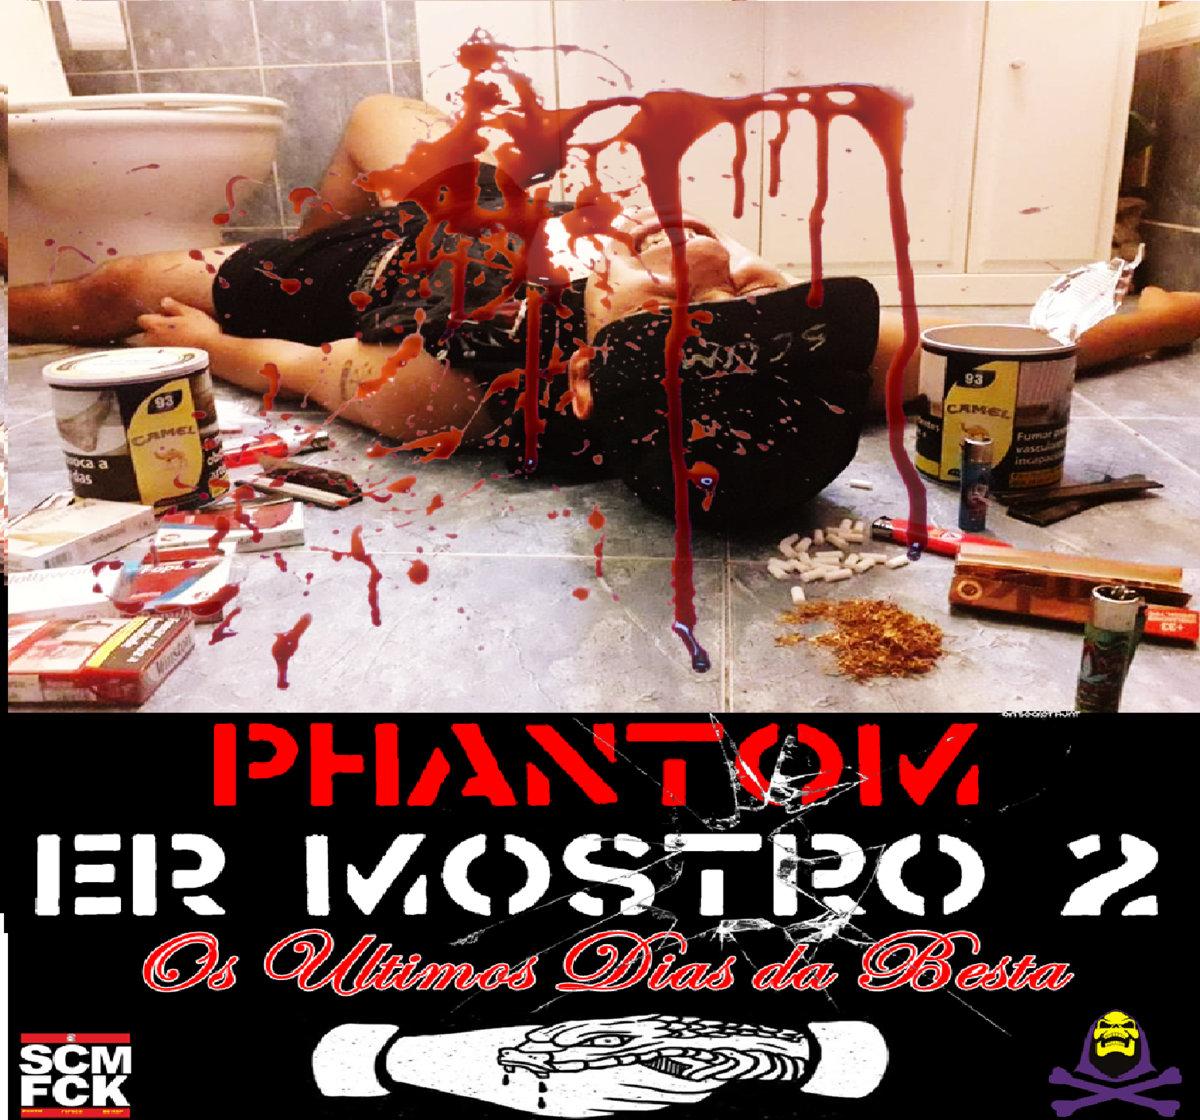 057-PHANTOM - Er Mostro 2 Os Últimos Dias da Besta